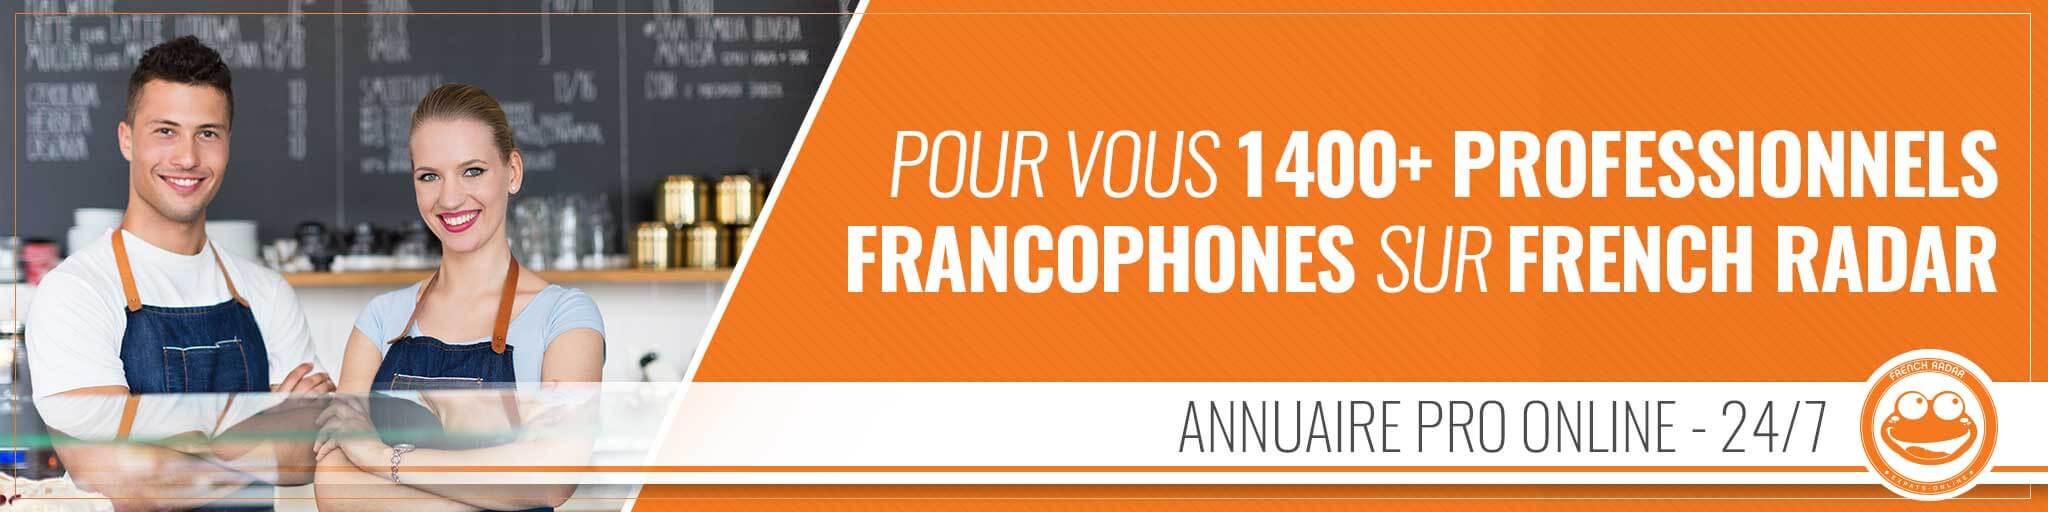 Annuaire French Radar des professionnels français à l'étranger